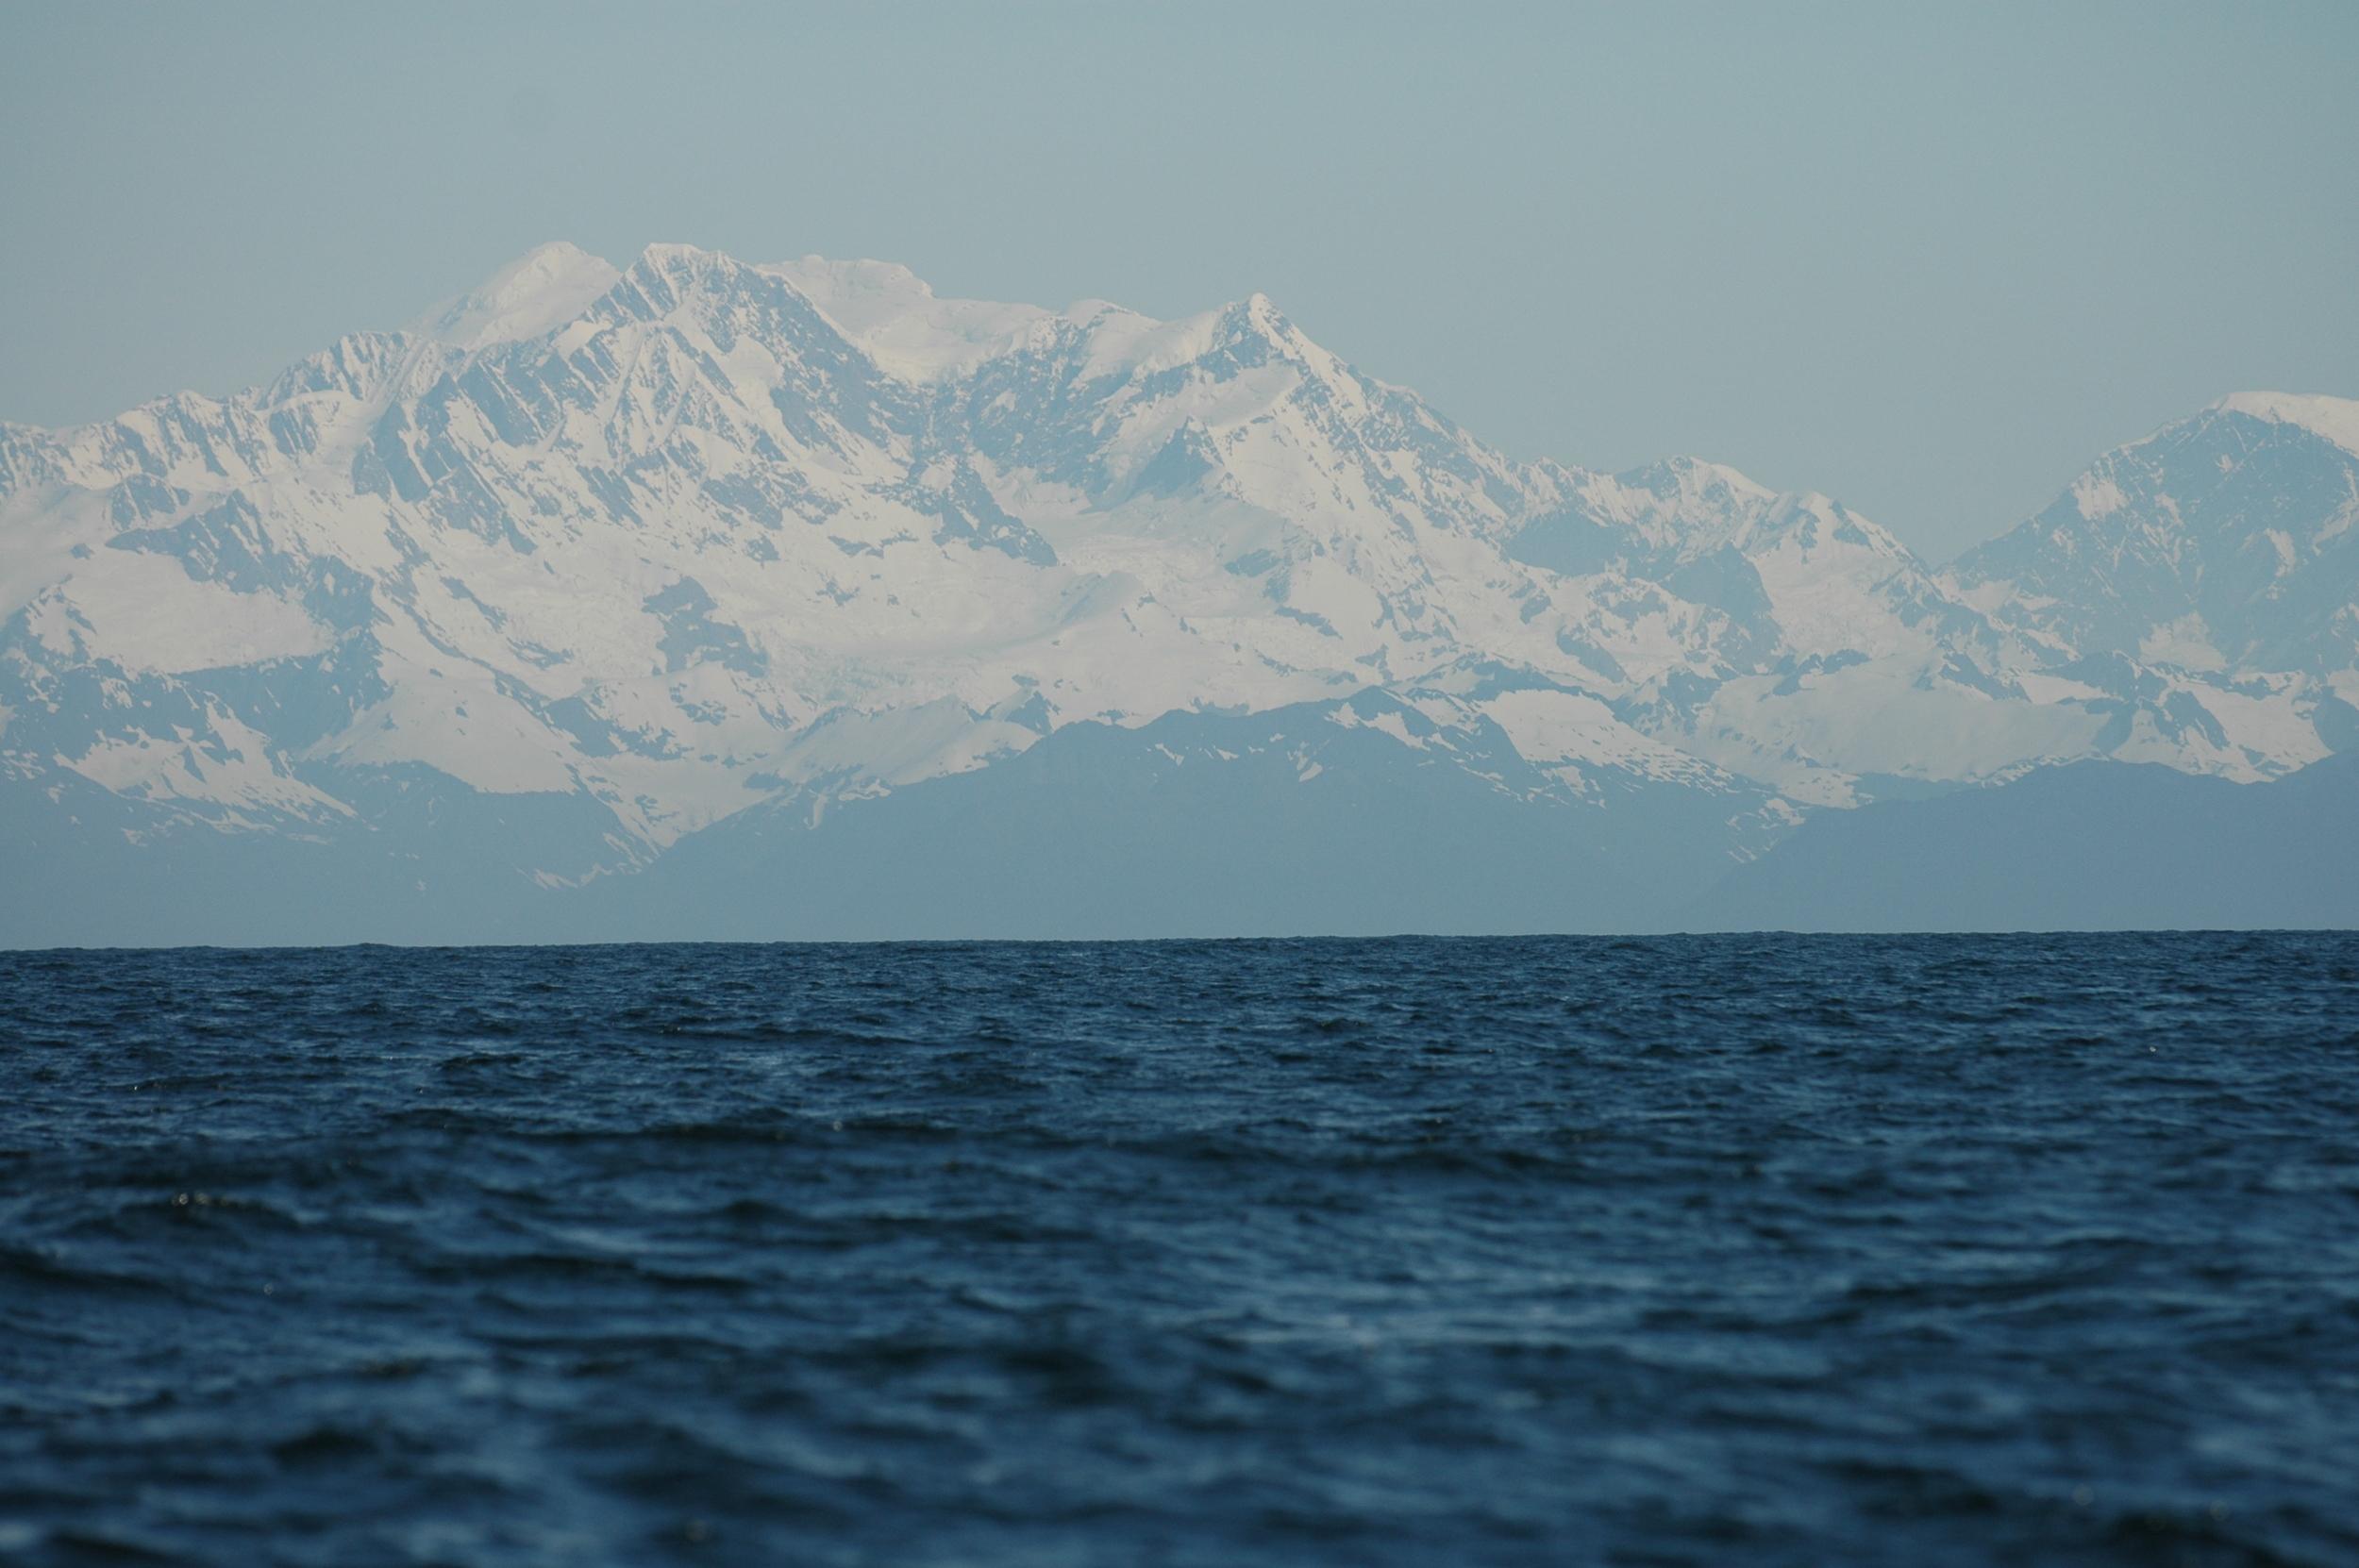 the Fairweather Mountain Range, 15,300', largest non-polar ice field in the world.